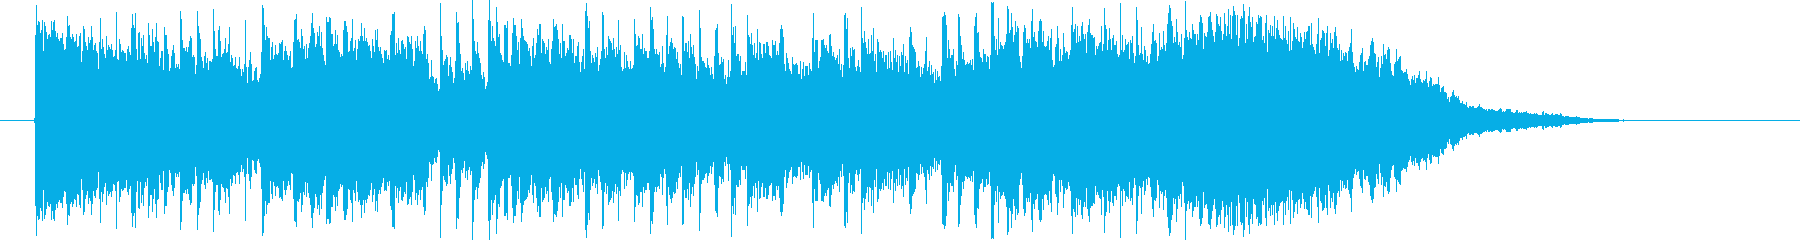 アップテンポで軽快なテクノポップジングルの再生済みの波形